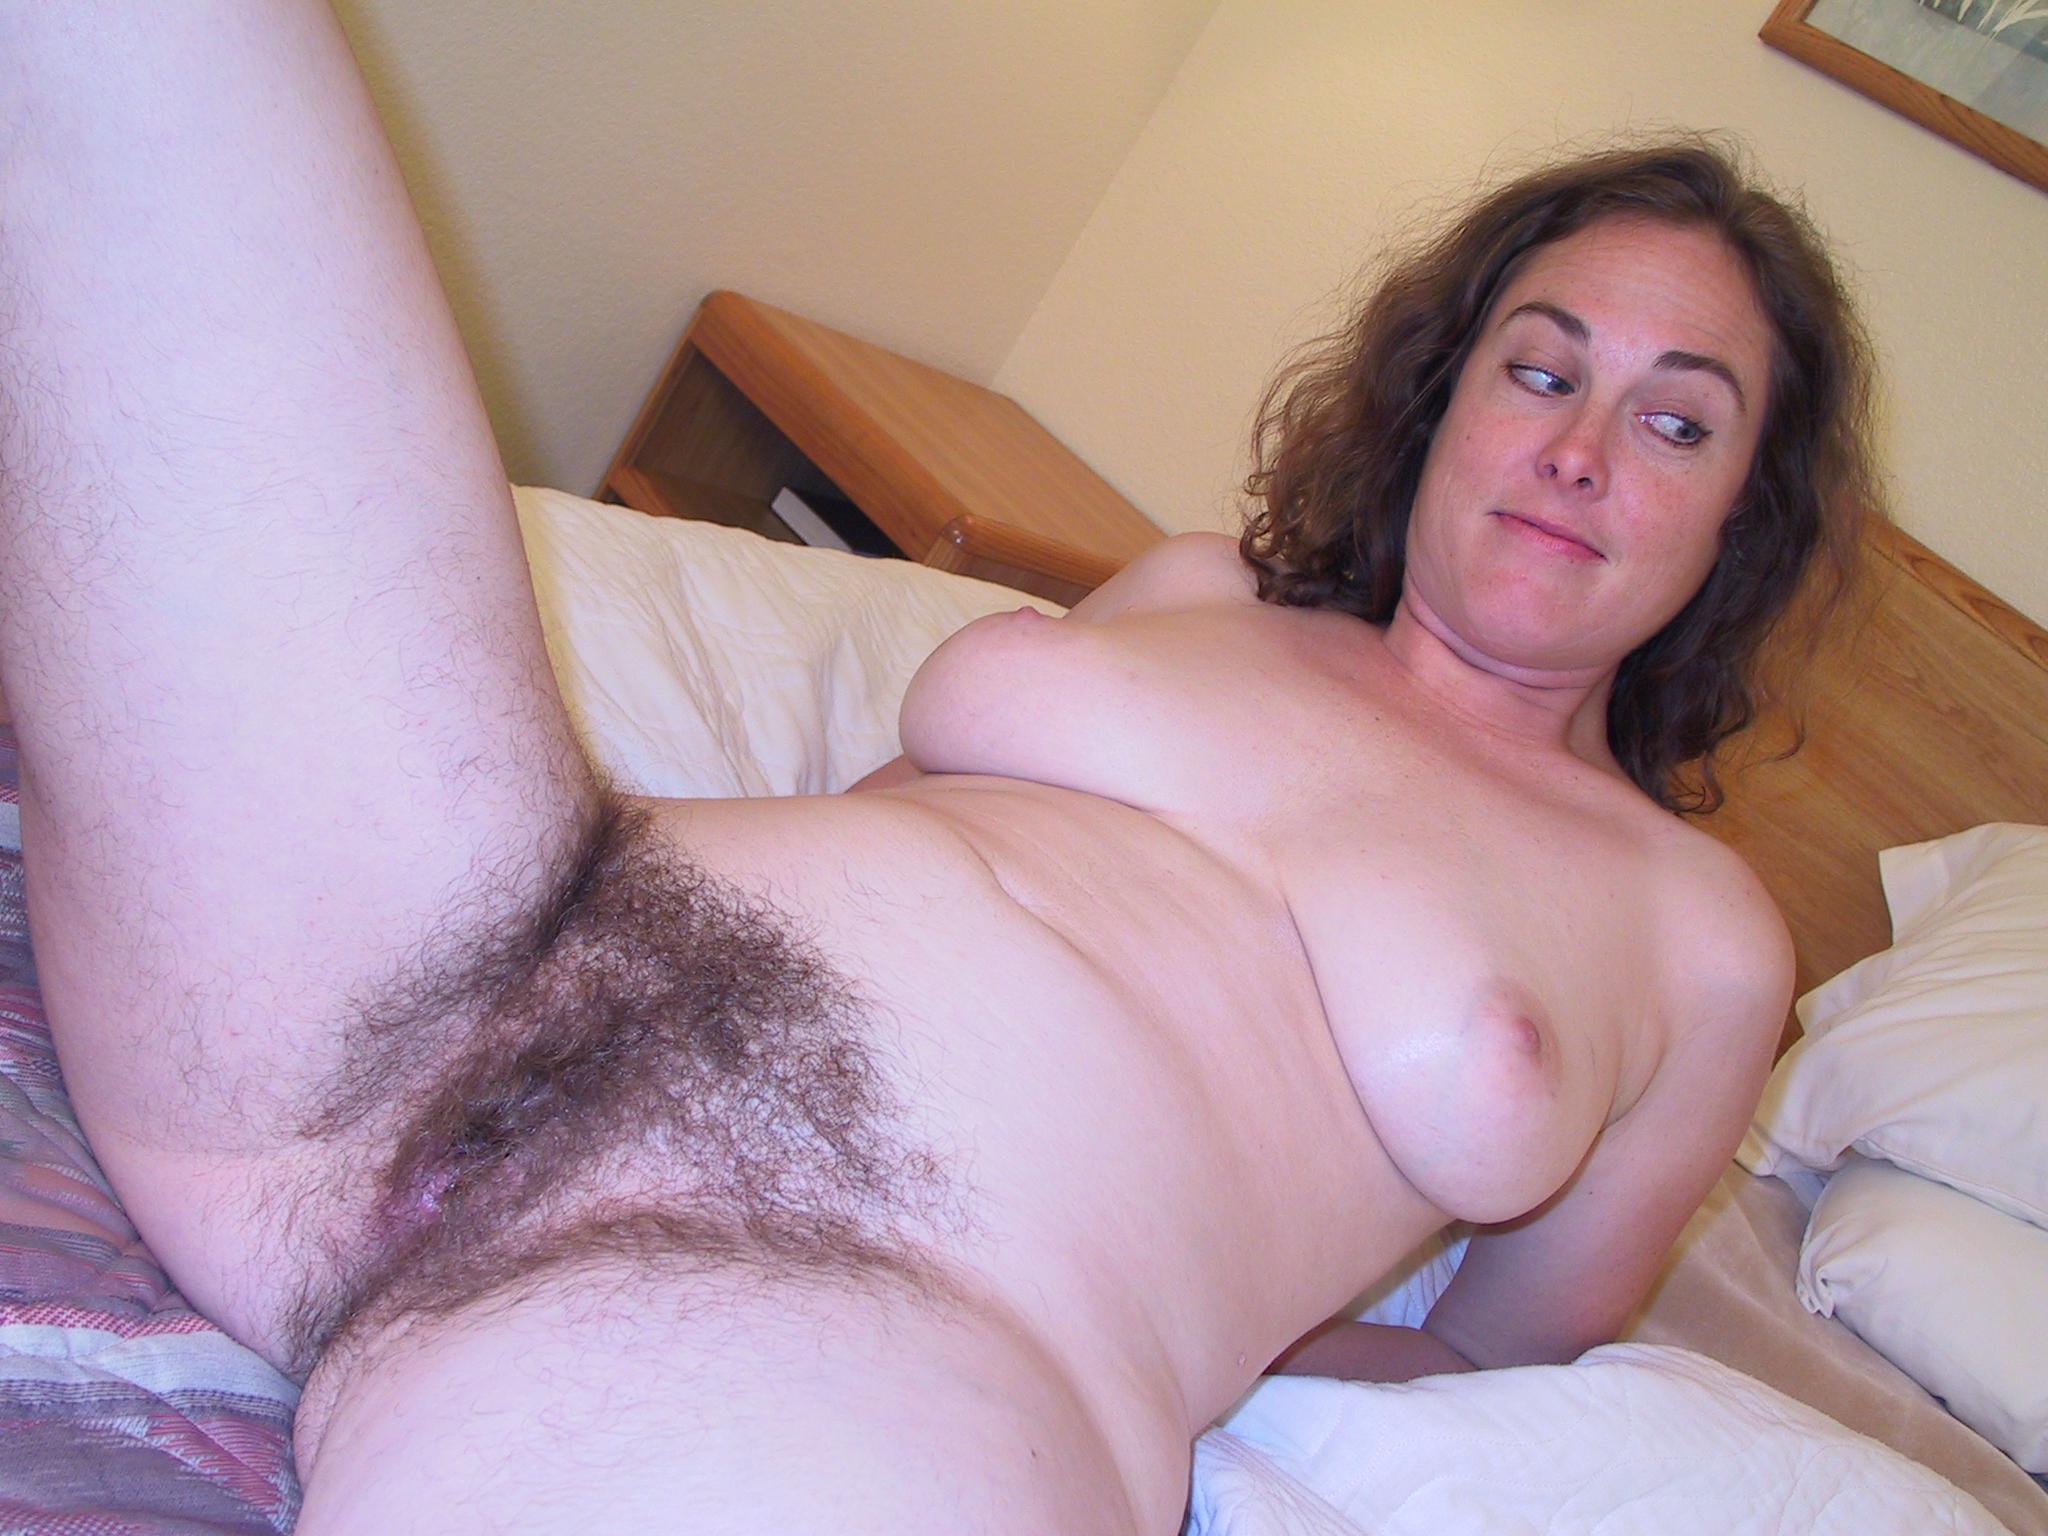 milf pussy porn